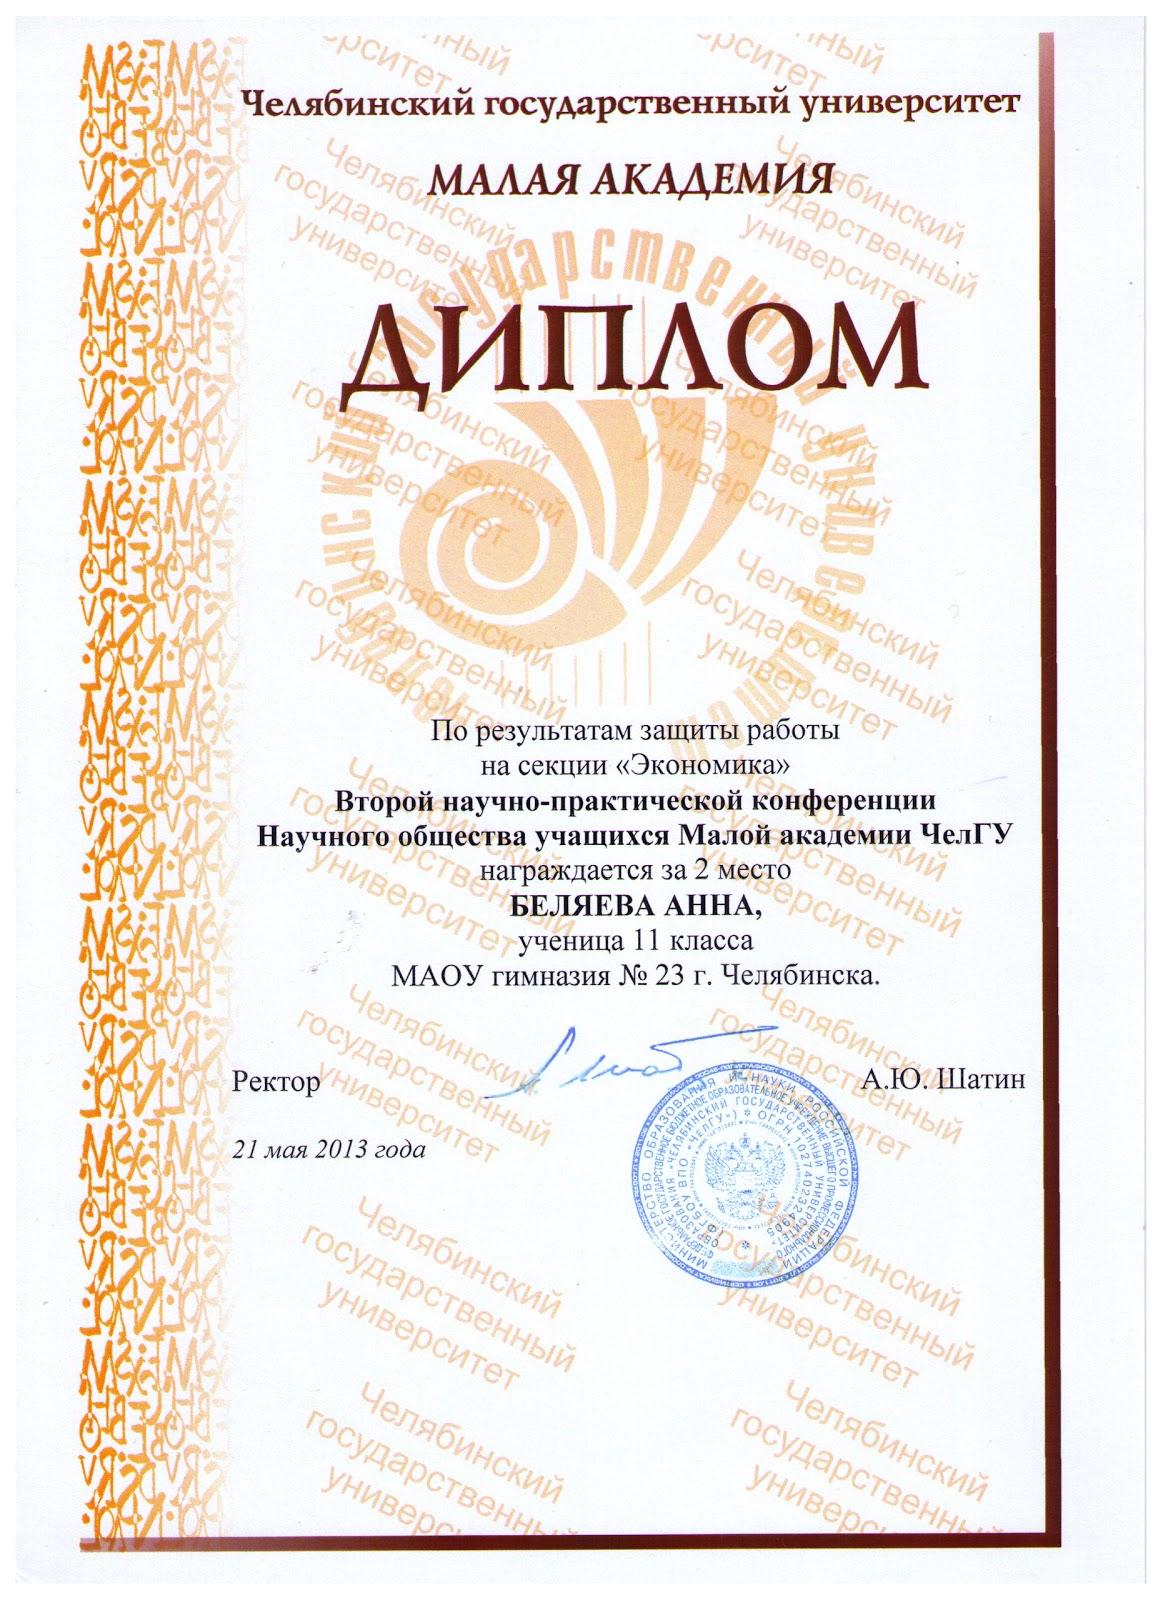 Обществознание про В добрый путь выпускники  Анна собирается продолжить занятия экономикой сейчас она абитуриентка экономического факультета Челябинского государственного университета